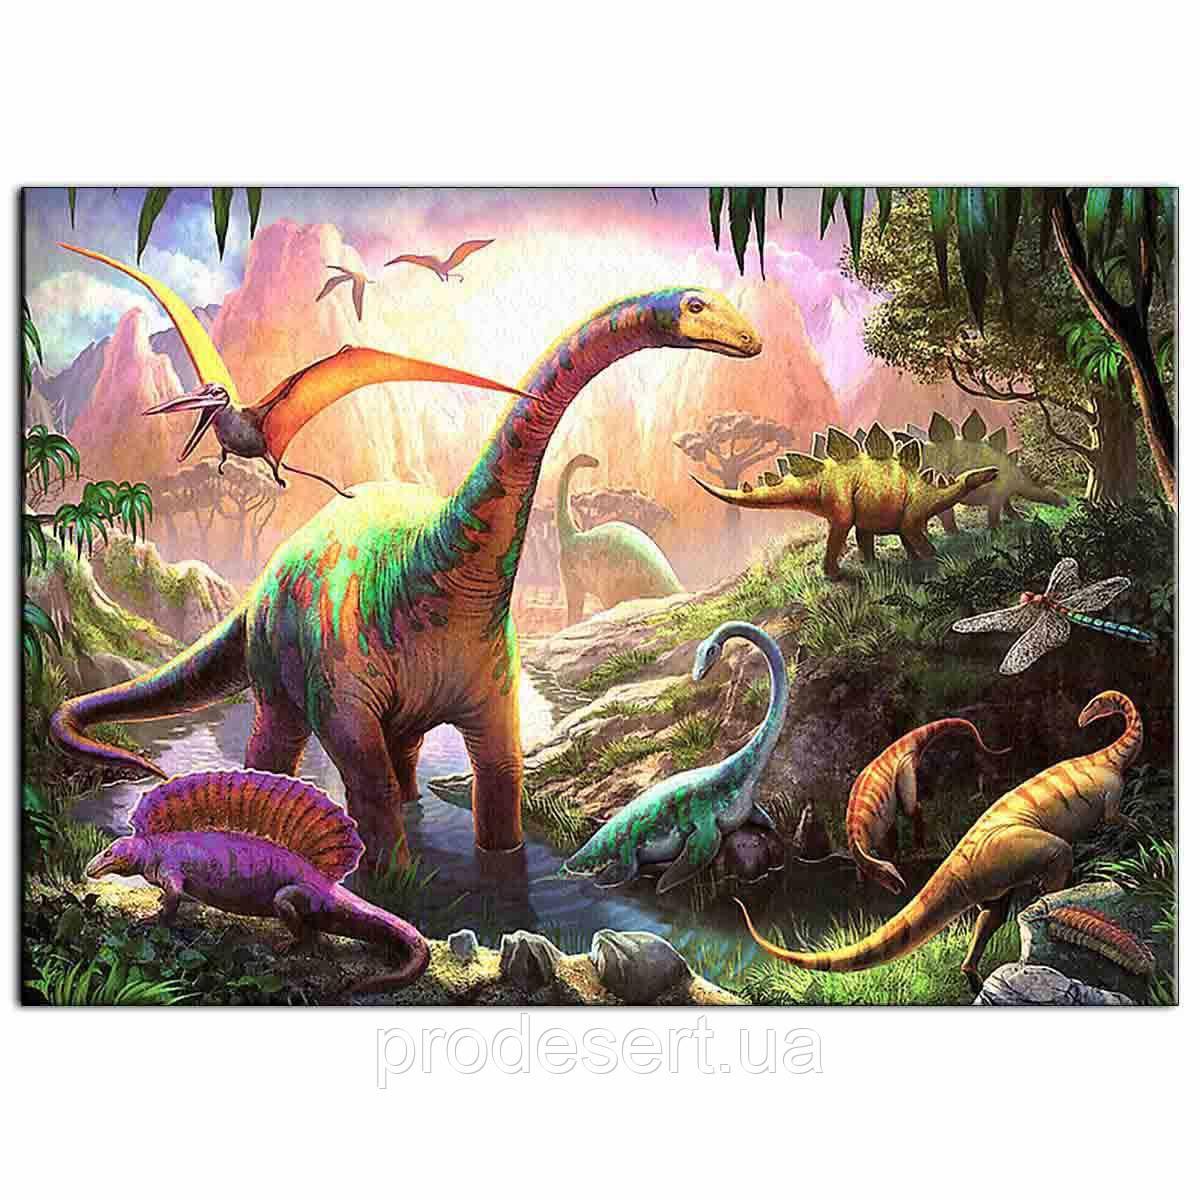 Динозавры 5 вафельная картинка